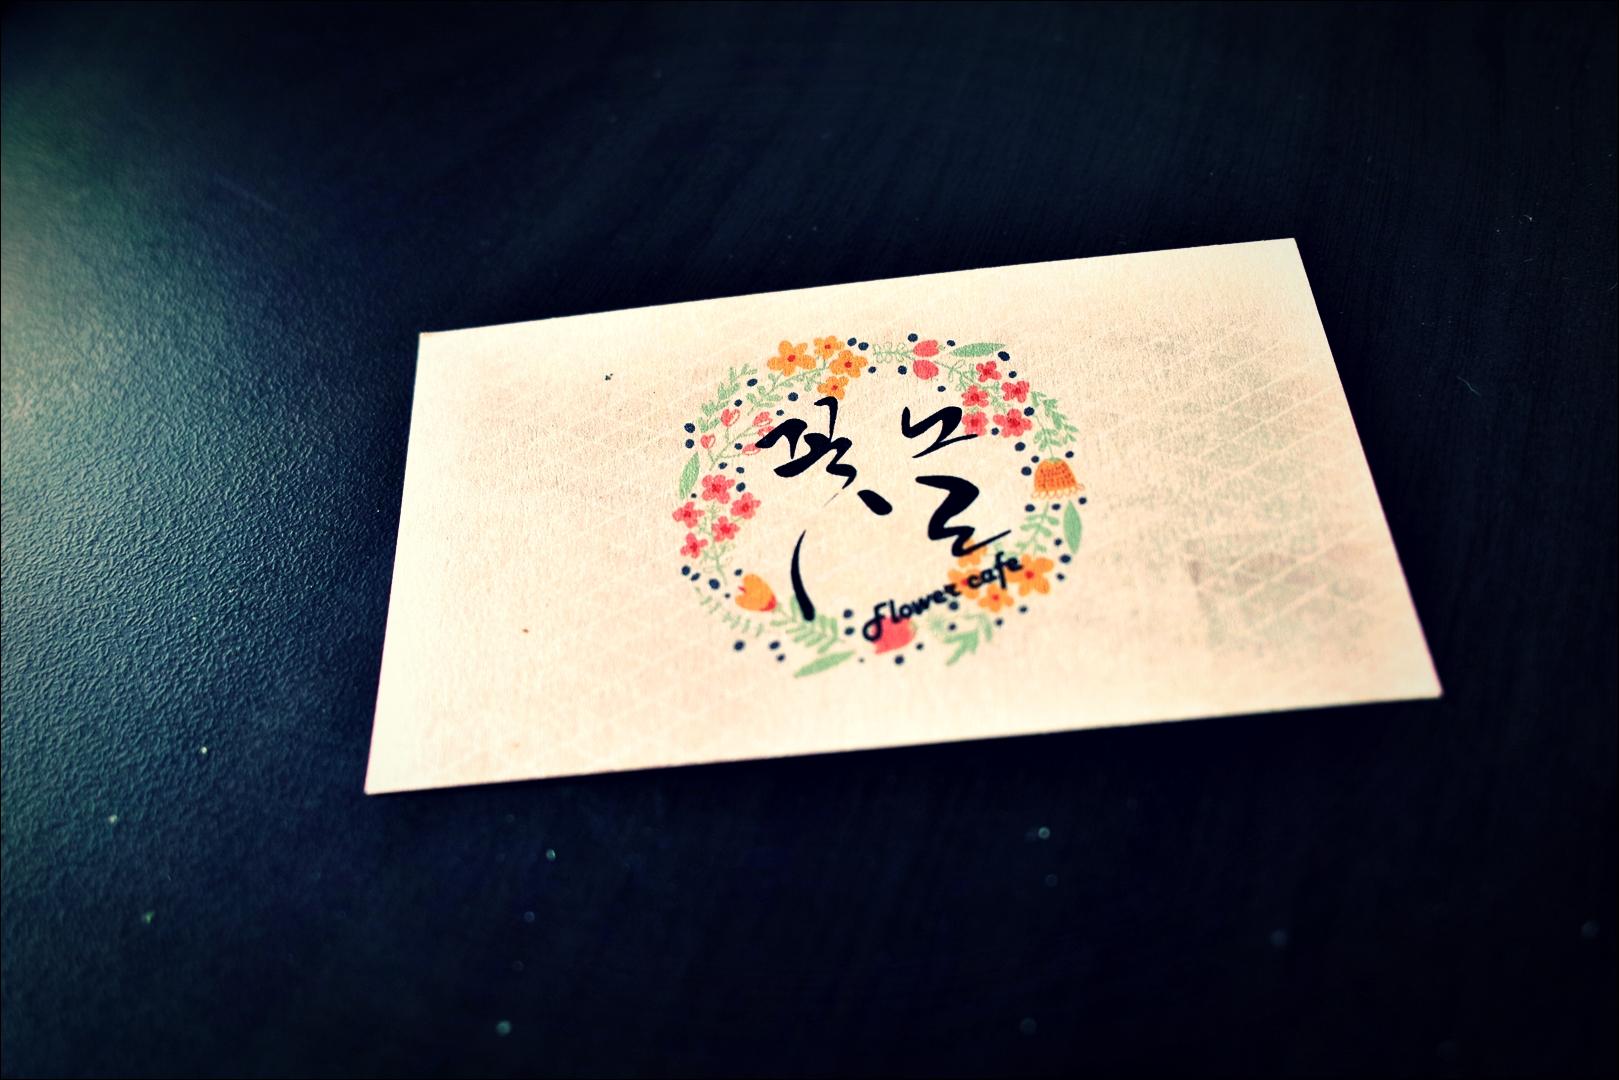 명함-'꽃과놀다 flower cafe'